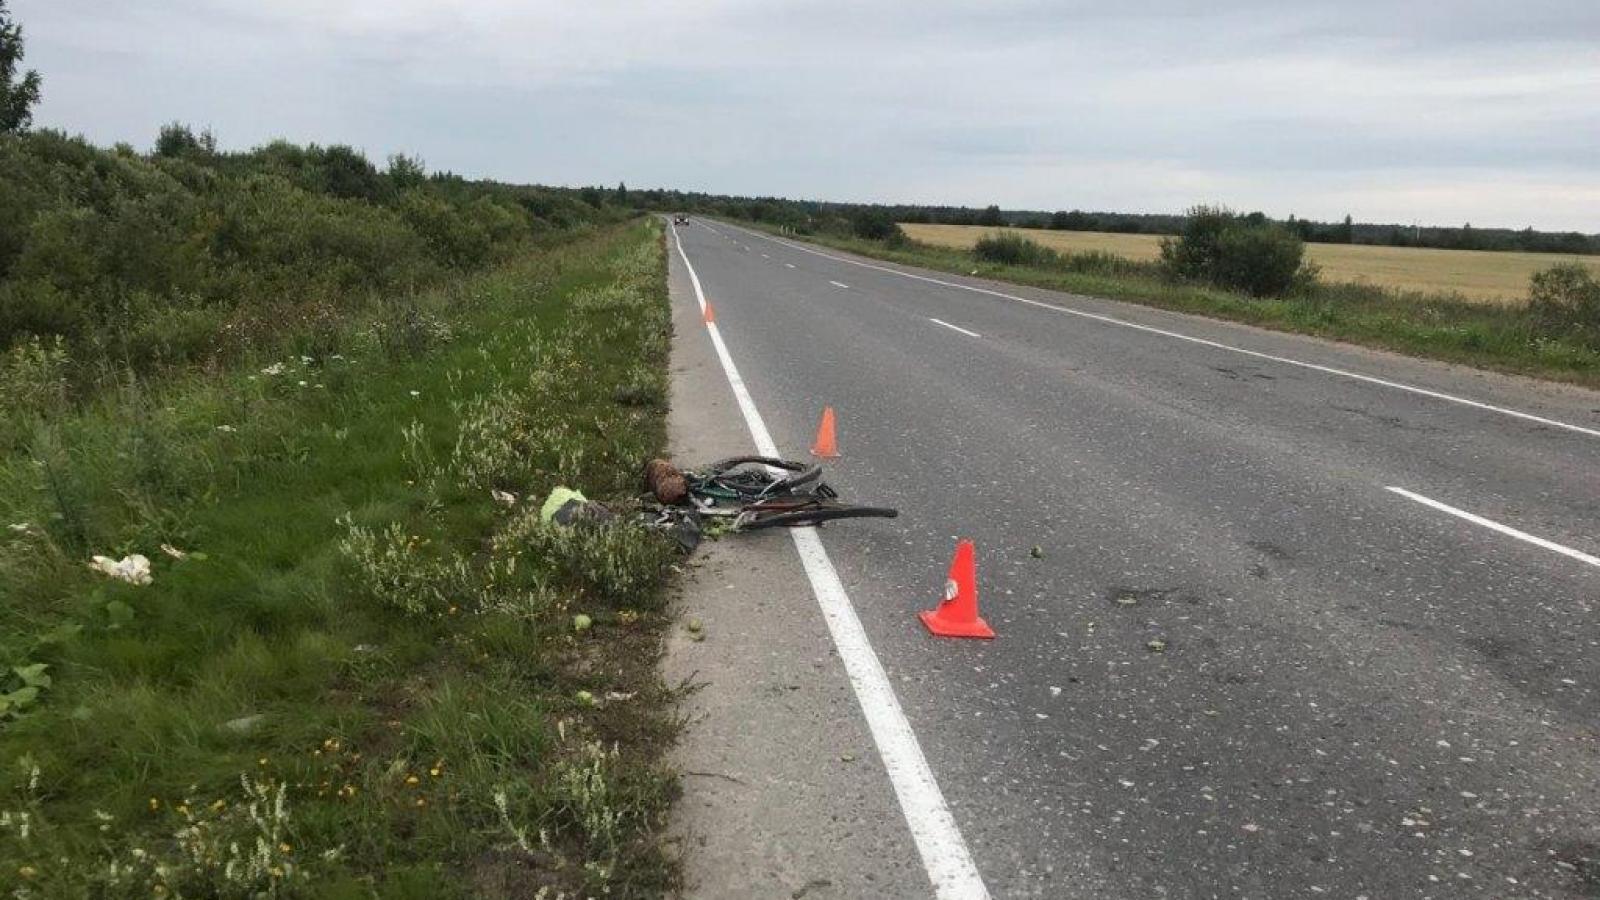 Велосипедиста сбили насмерть под Соколом